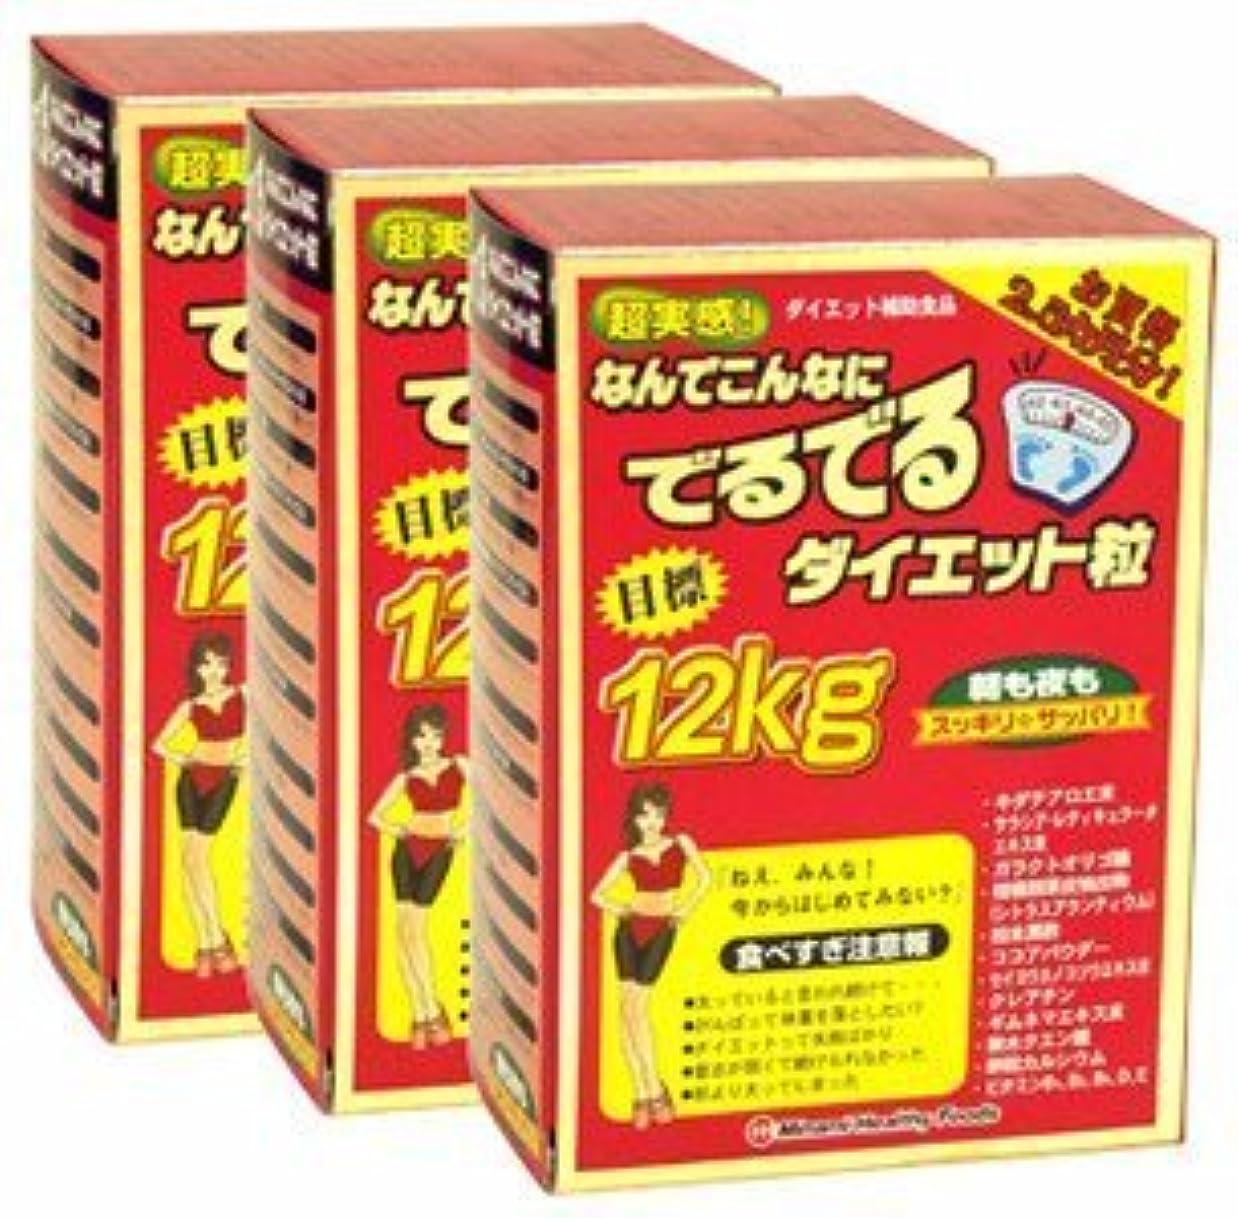 アーティファクトロンドン魅惑するミナミヘルシーフーズ 超実感 でるでる粒 75袋入 約75日分【3箱セット】